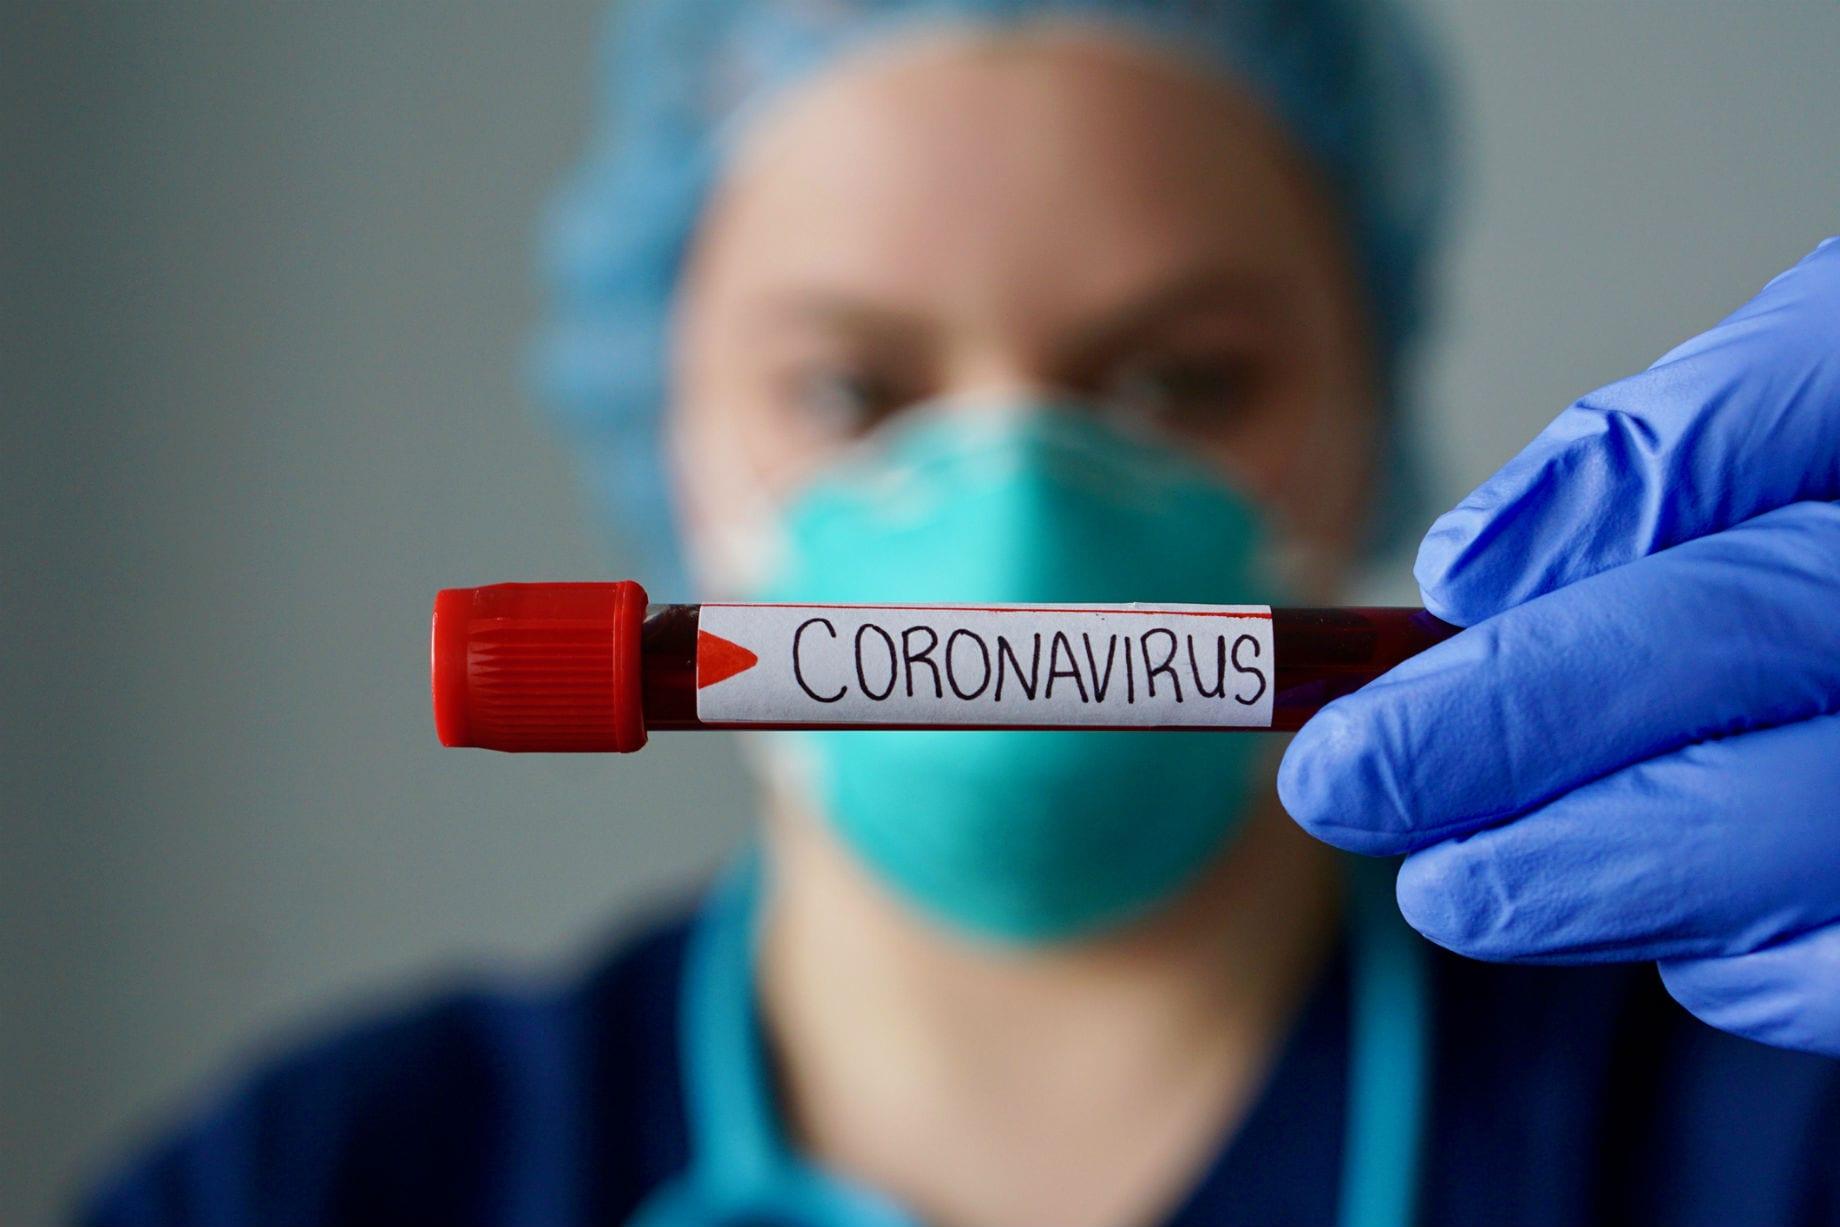 CORONAVIRUS: ANSIA E PAURA? ECCO COME GESTIRLE